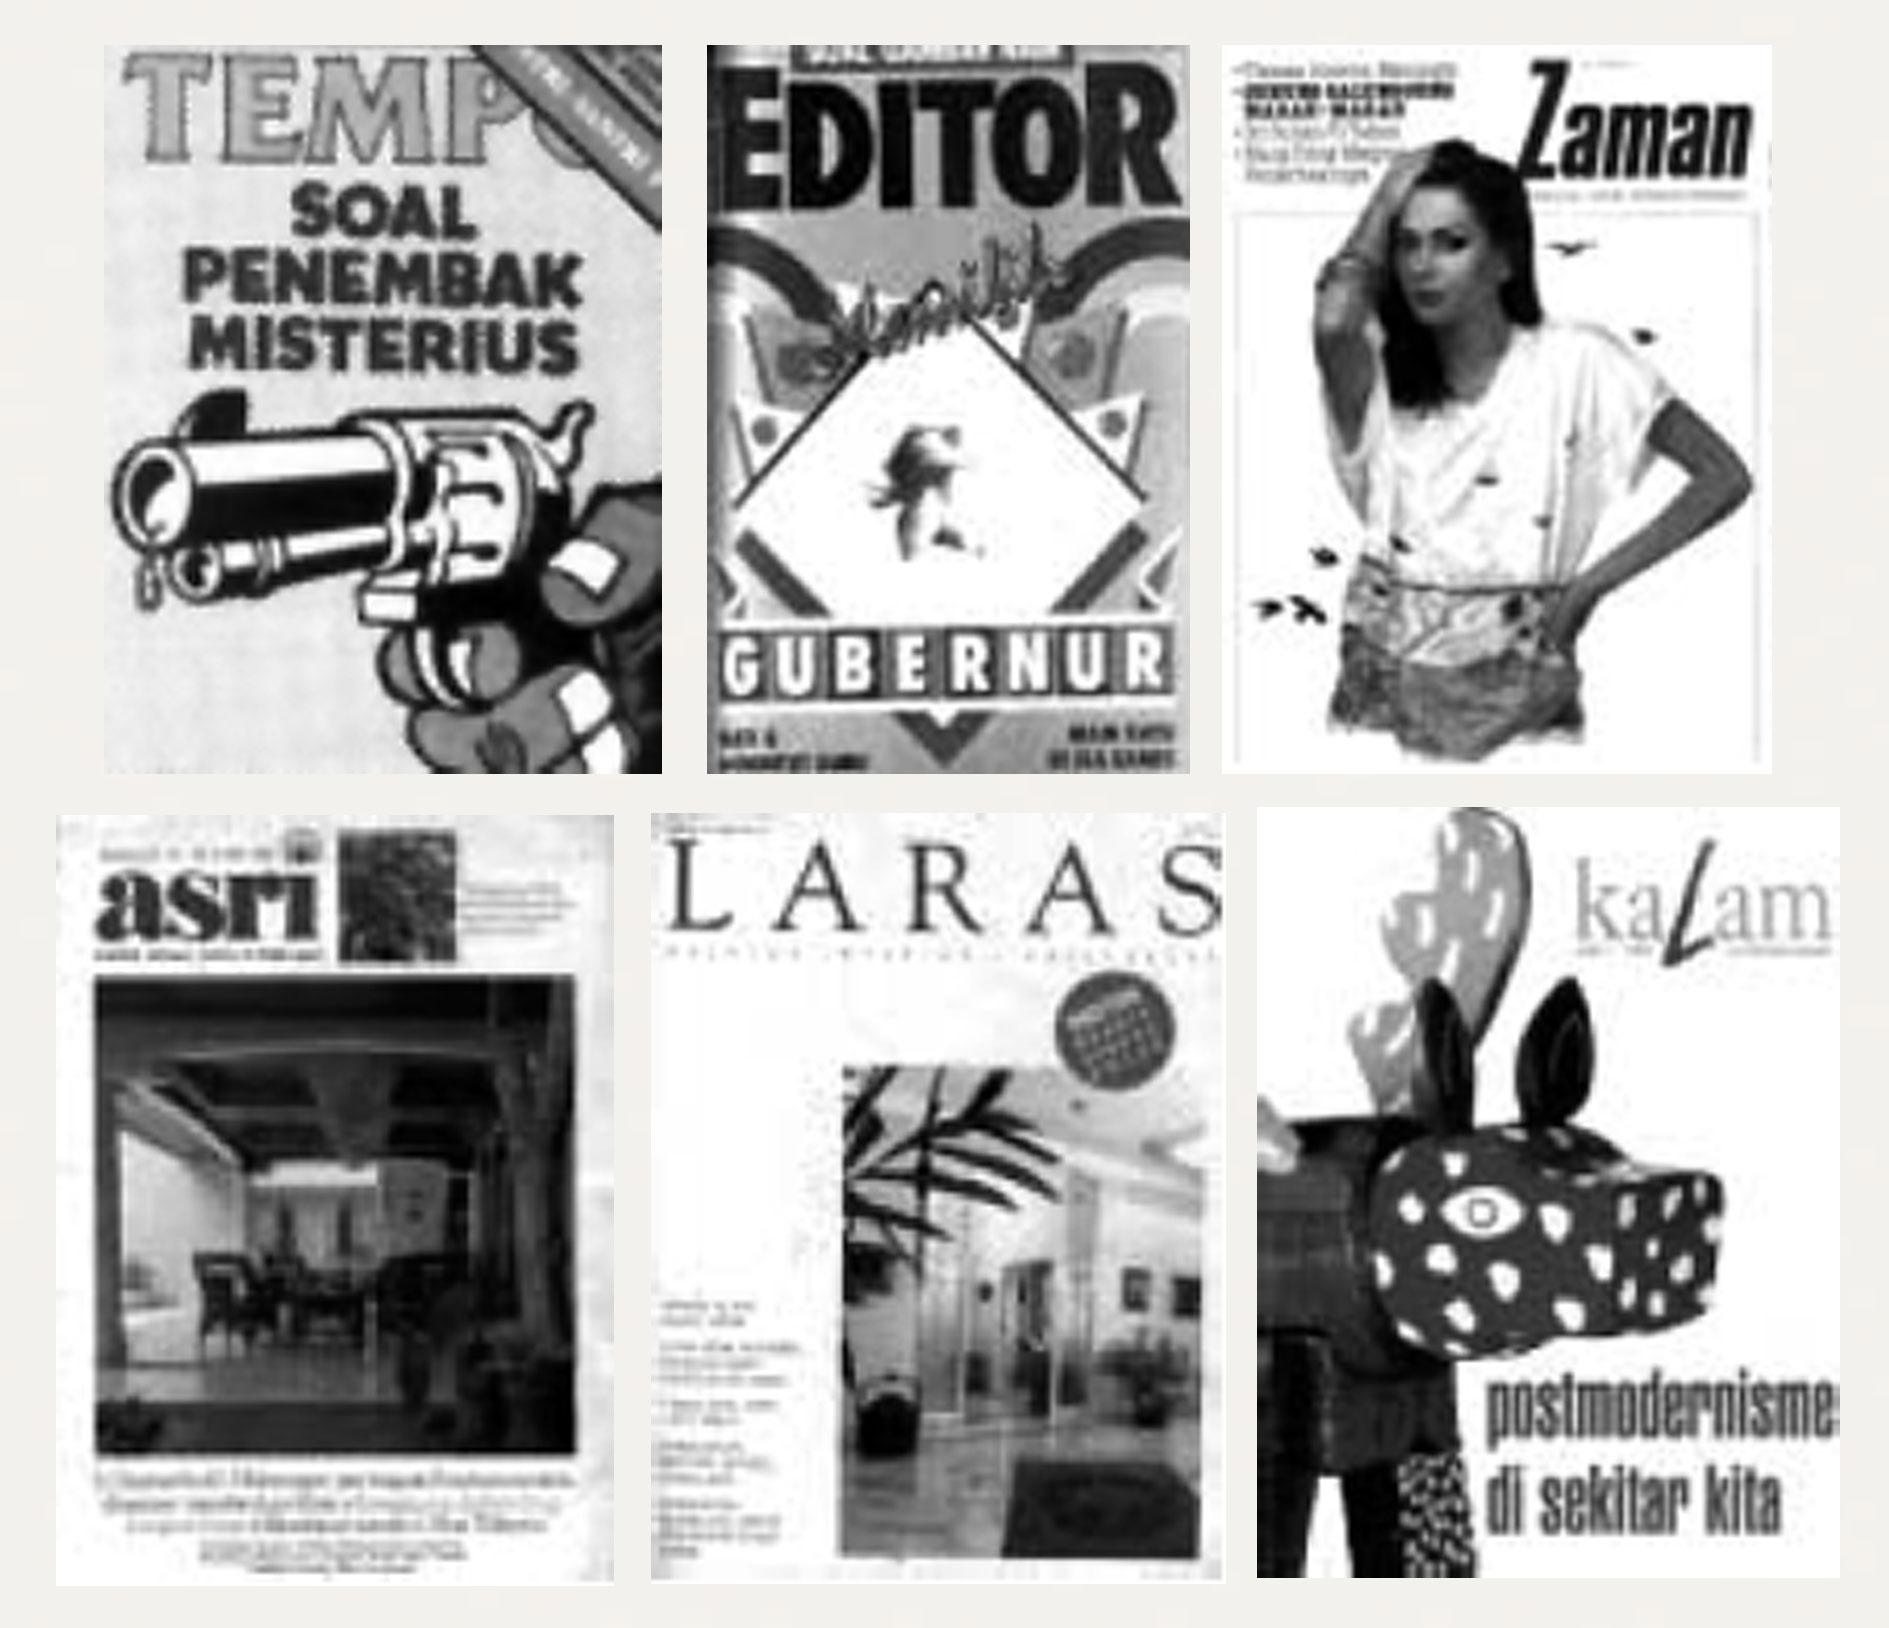 """Gambar 9. (a) Kulit muka majalah """"Tempo"""" tahun 1970-an; (b) Kulit muka majalah """"Editor"""" tahun 1980-an; (c) Kulit muka majalah """"Zaman"""" tahun 1980-an; (d) Kulit majalah""""ASRI"""" tahun 1980-an; (e) Kulit majalah """"LARAS"""" tahun 1980-an (f) Kulit muka majalah """"Kalam"""" tahun 1990-an."""